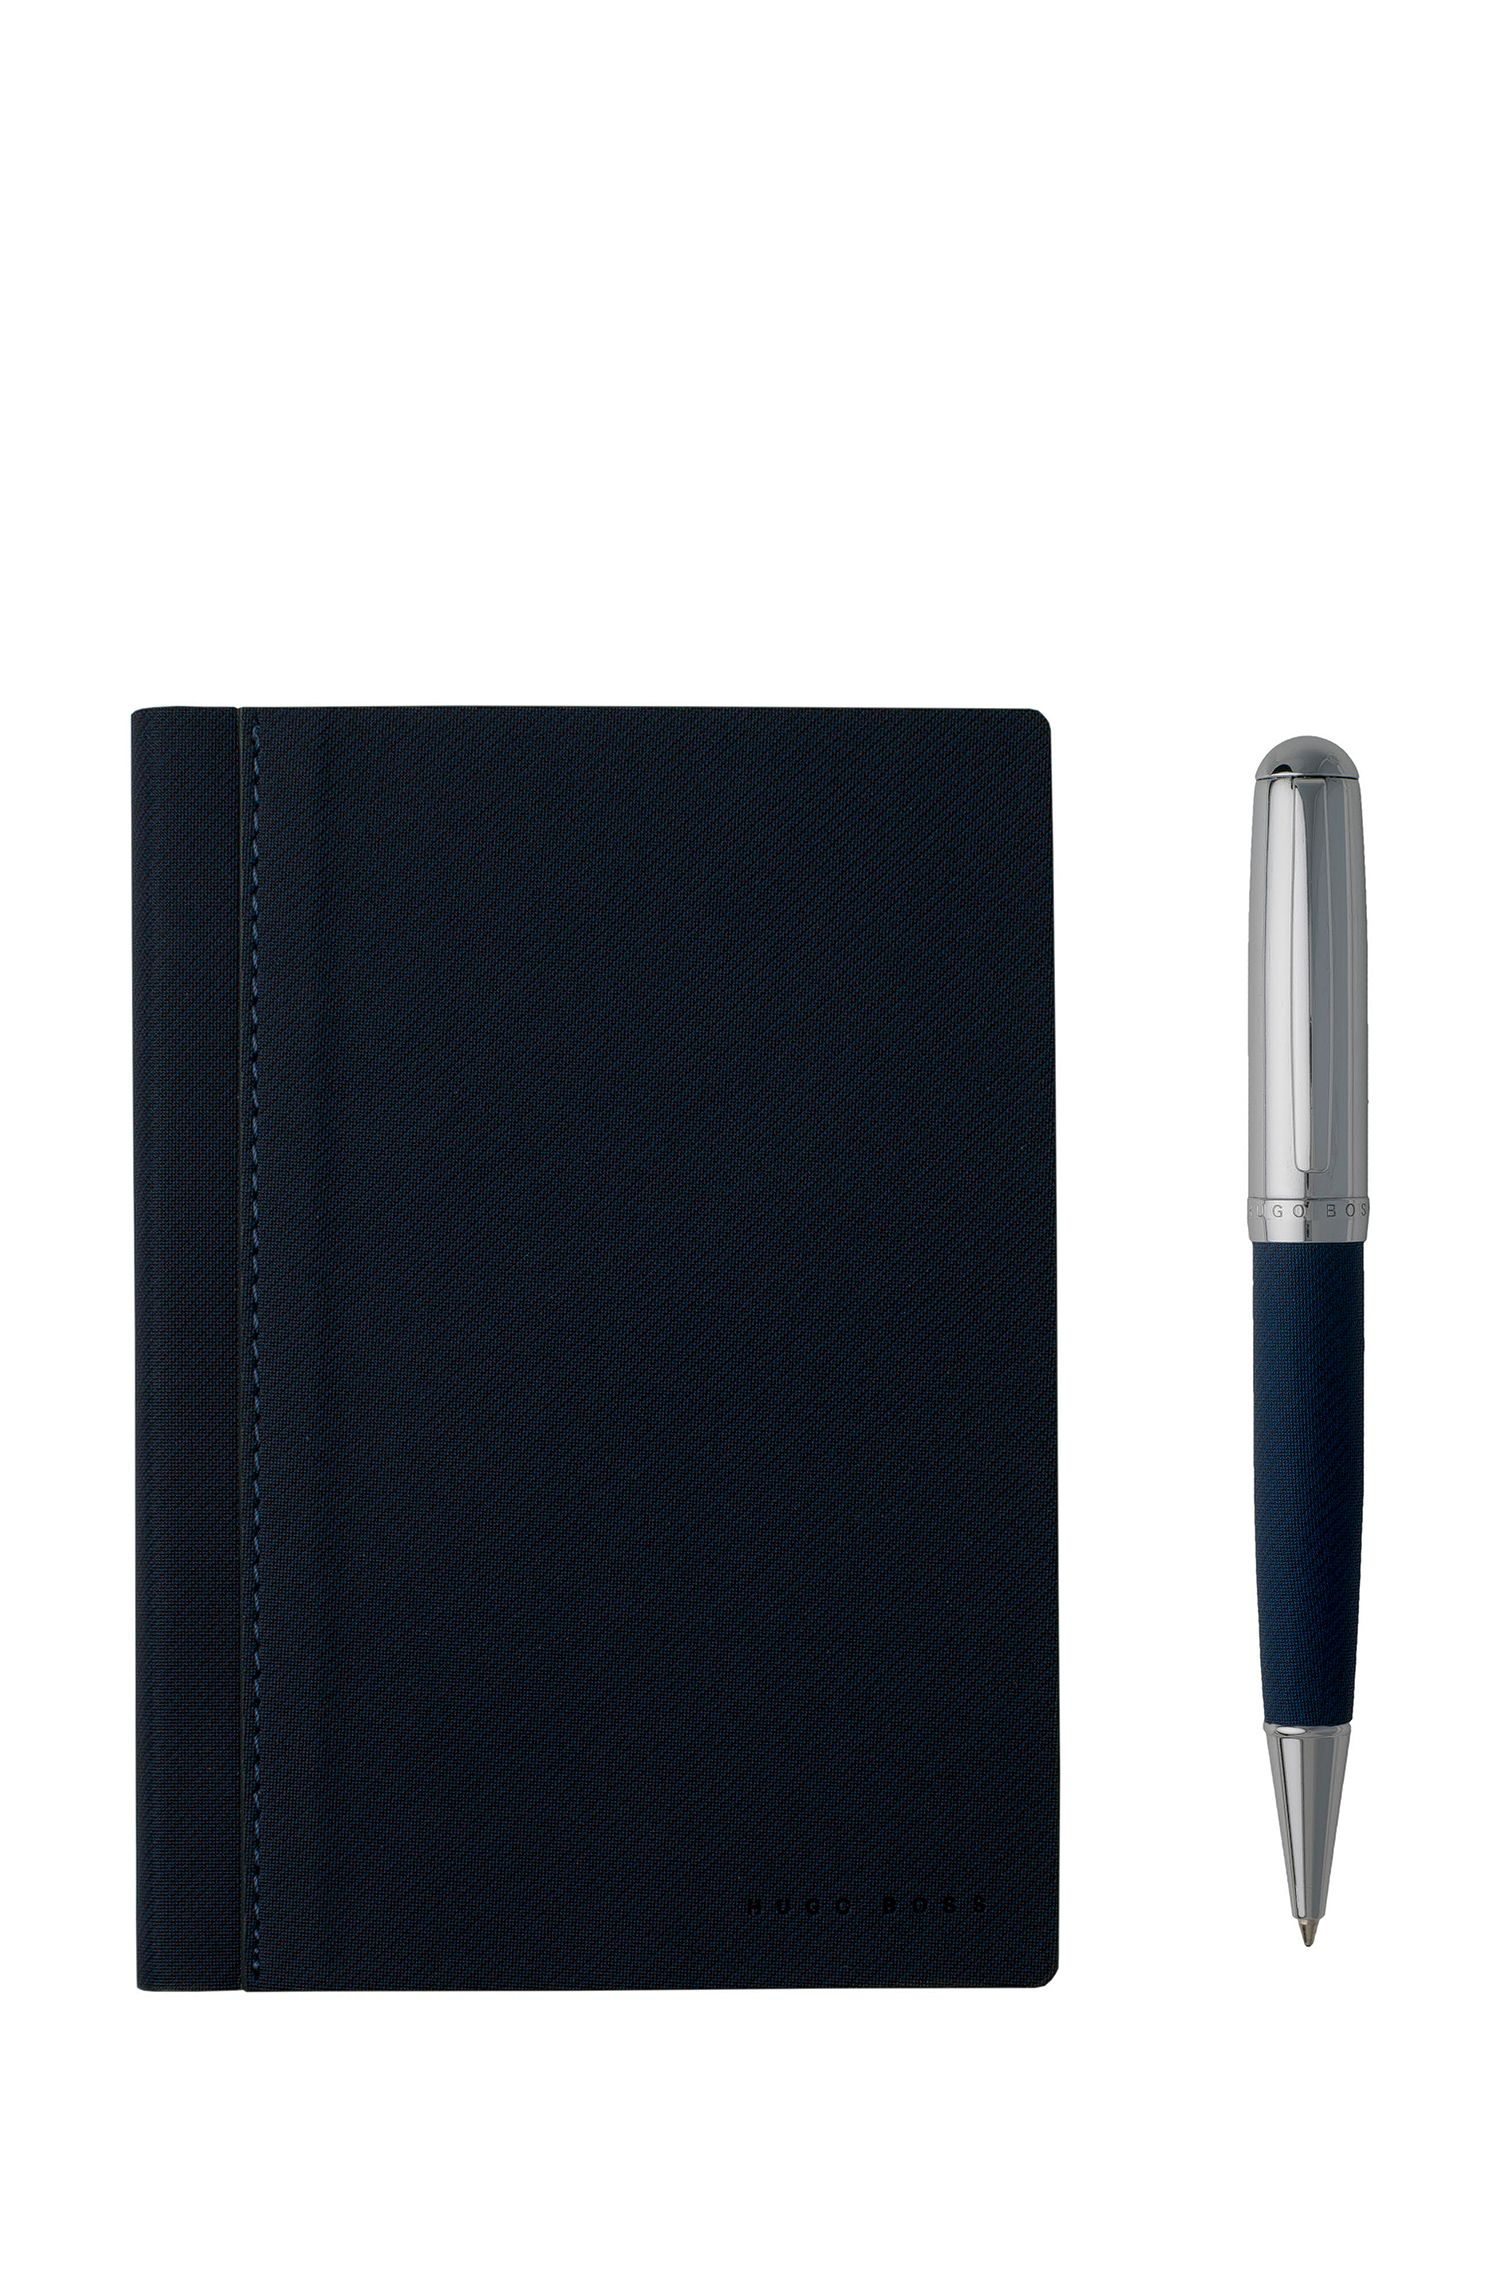 Geschenk-Set mit DIN-A6-Notizbuch und Kugelschreiber mit Textilbezug